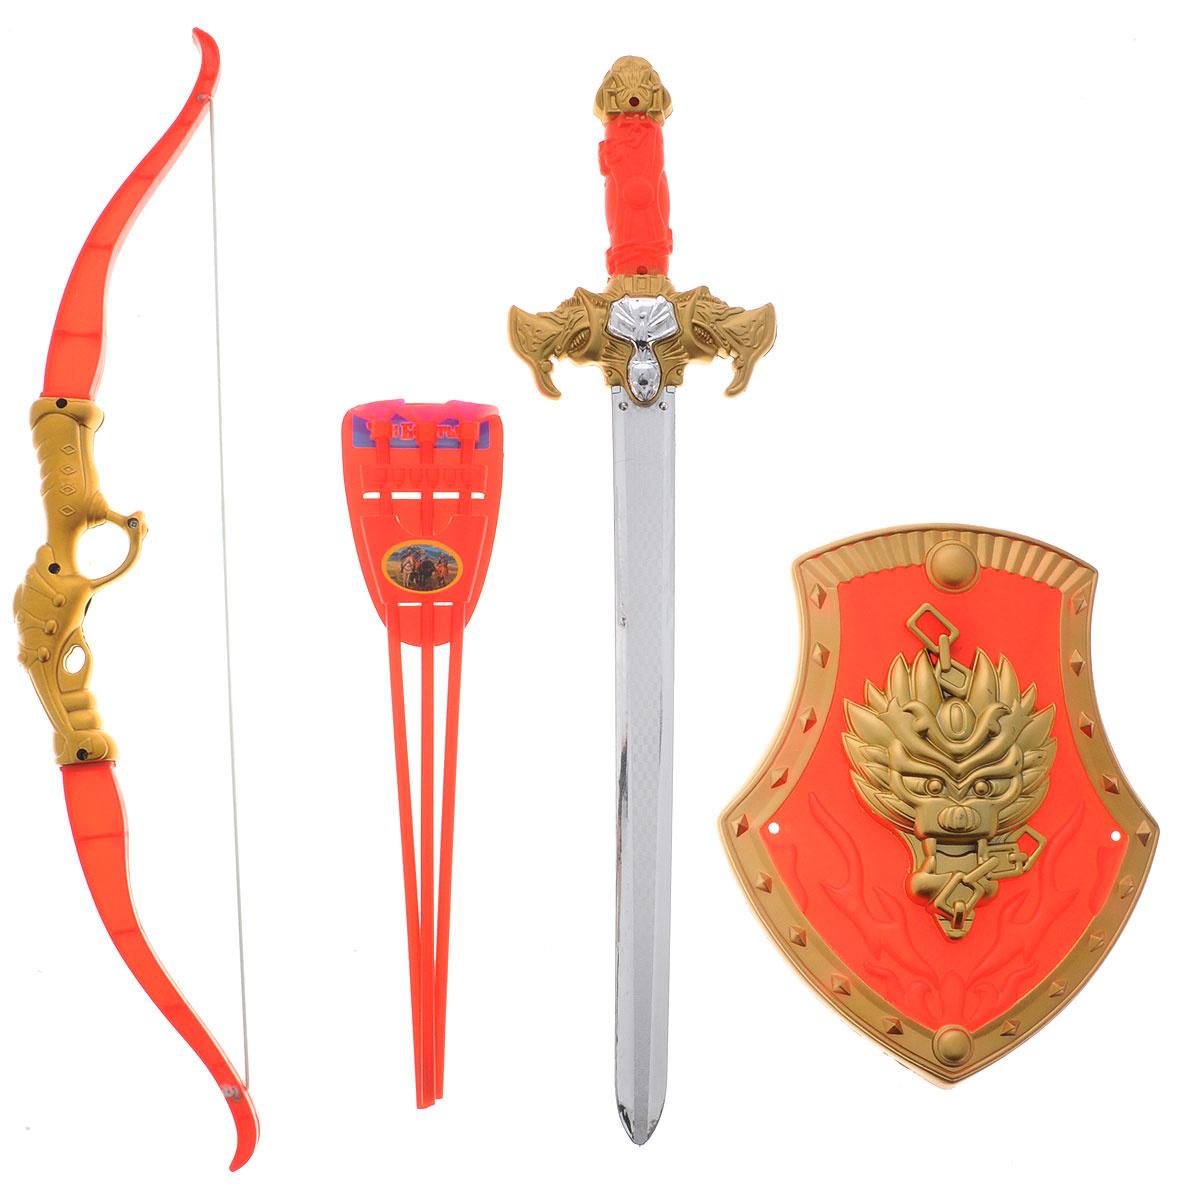 Играем вместе Набор оружия Три богатыря красный золотистый 7 предметов  #1